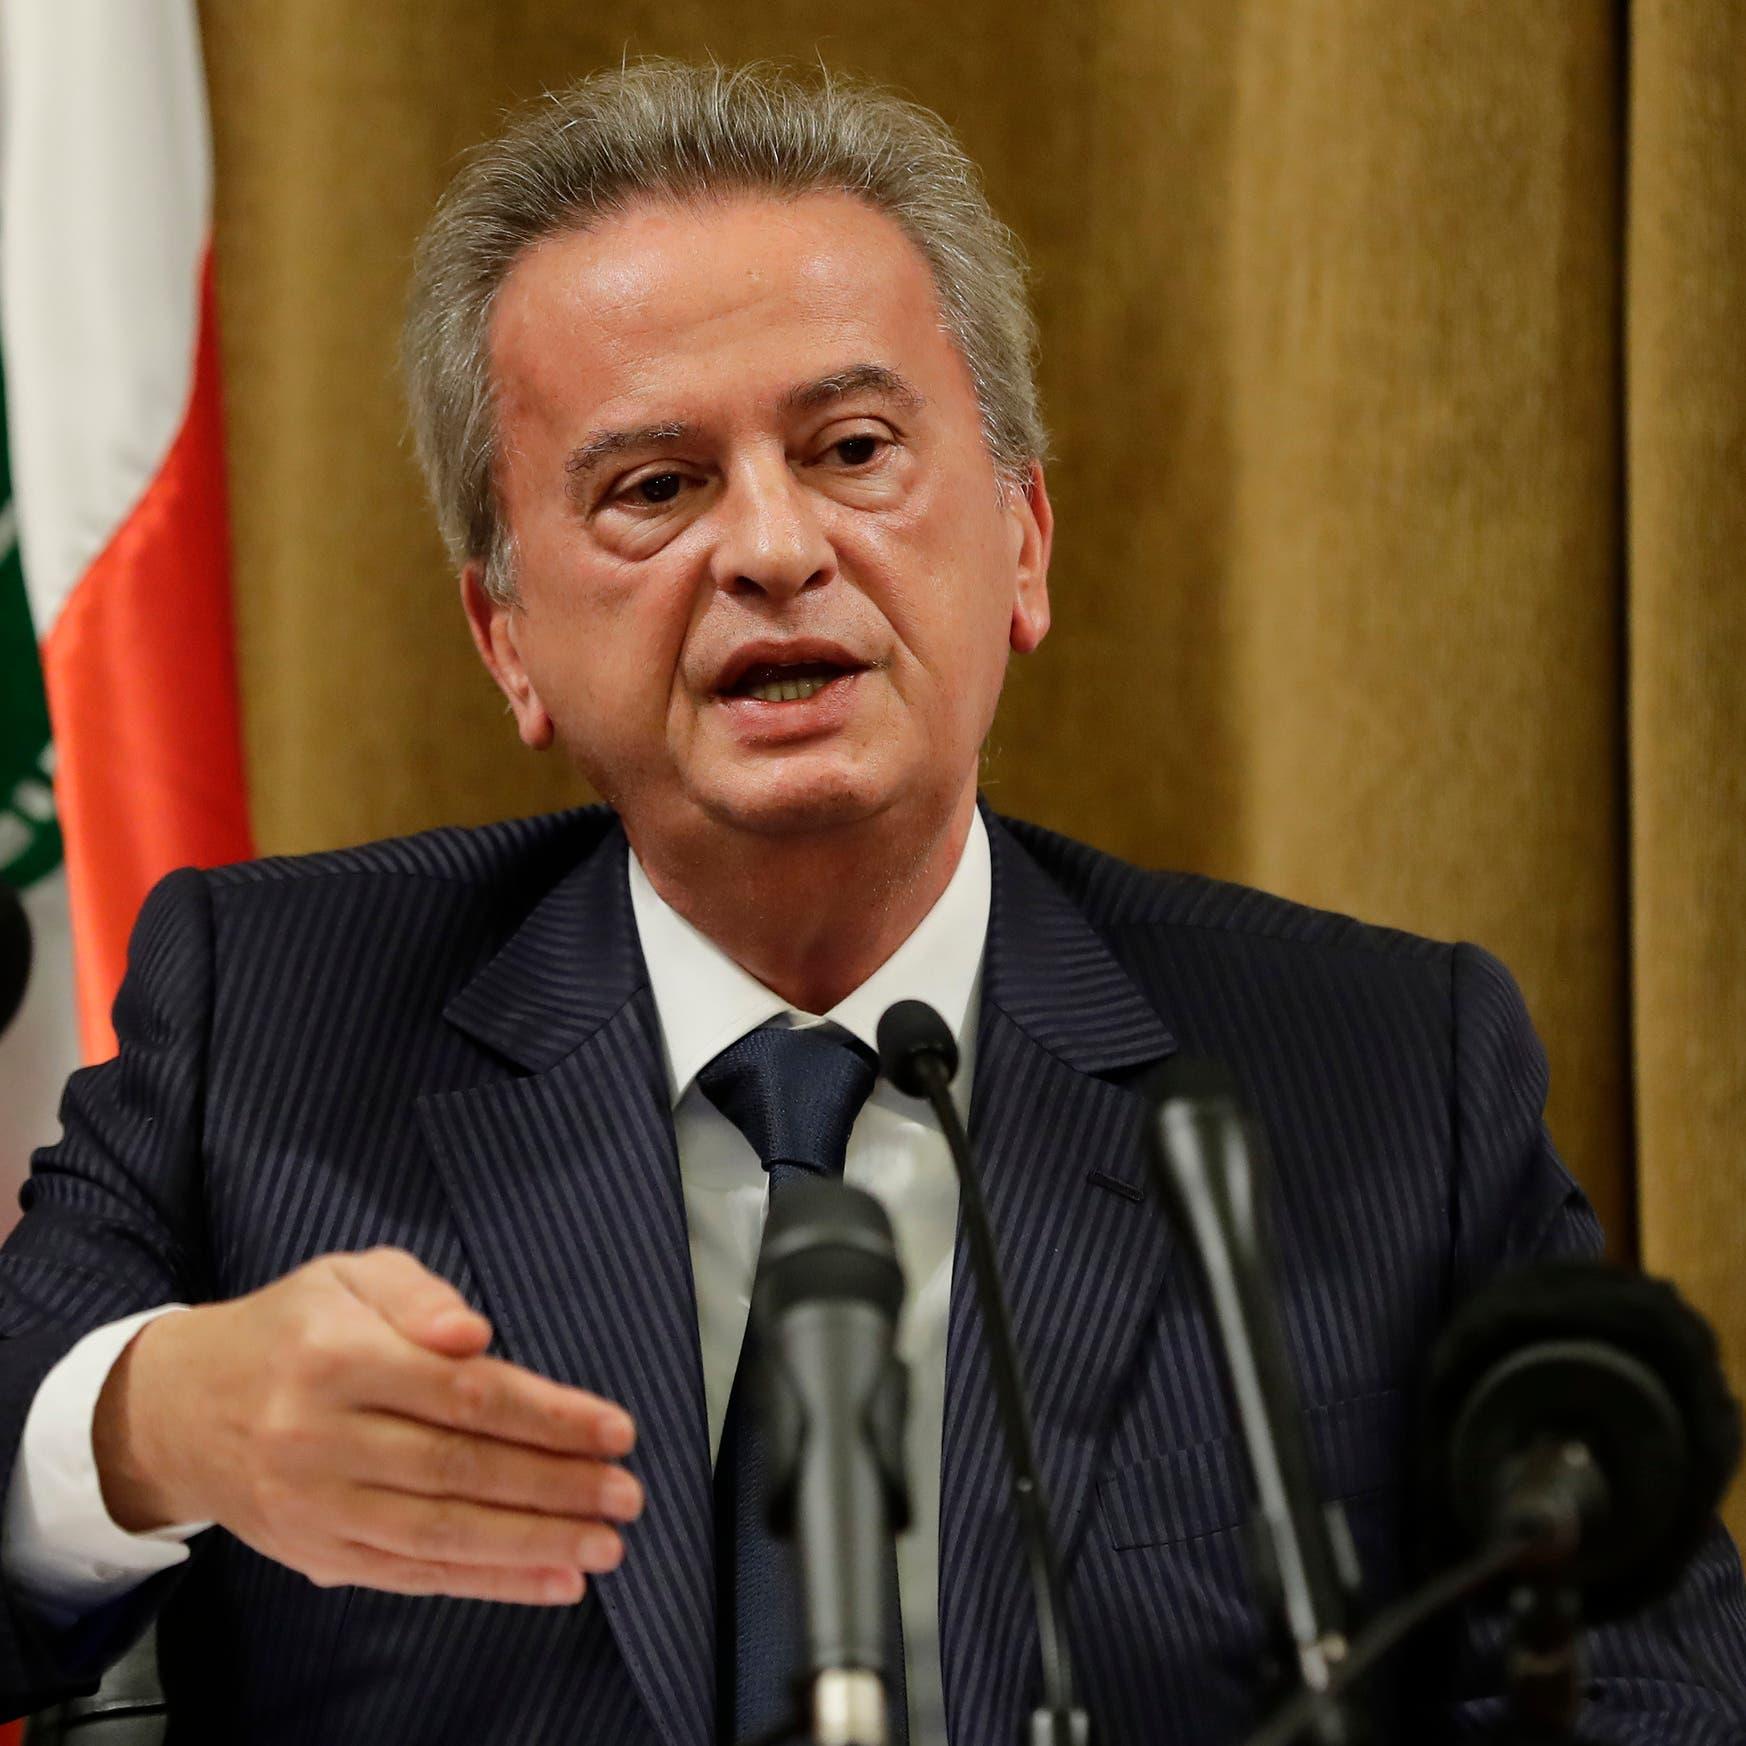 بعد الادعاء السويسري.. حاكم مصرف لبنان أمام القضاء البريطاني